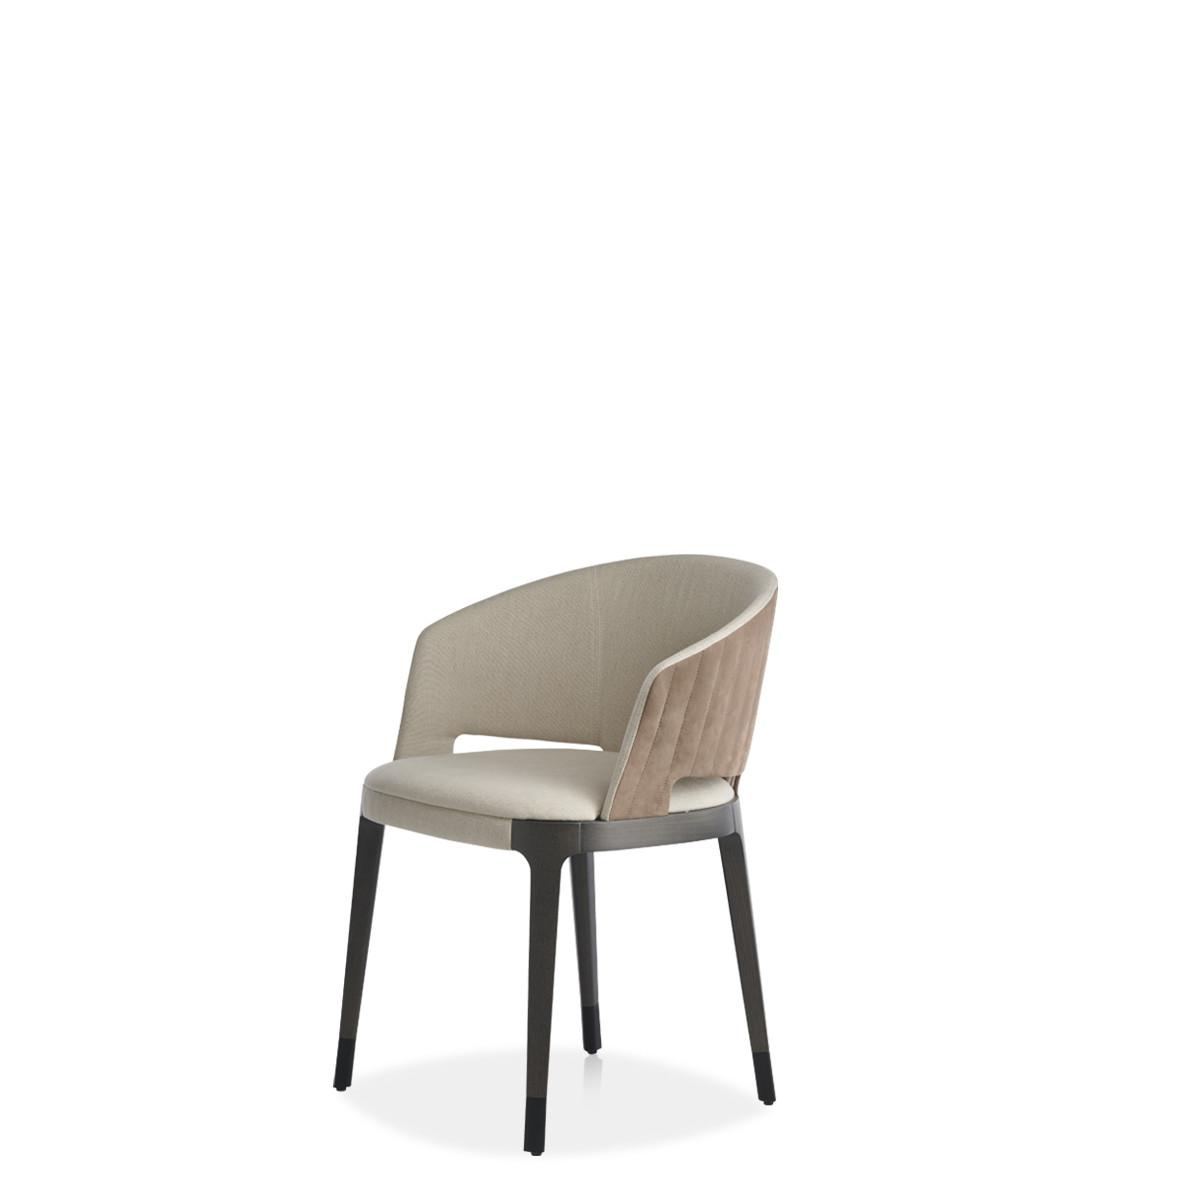 Entdecken Sie bei Conzept Beckord besondere Designmöbel! Hier finden Sie Potocco Stühle: Velis hell